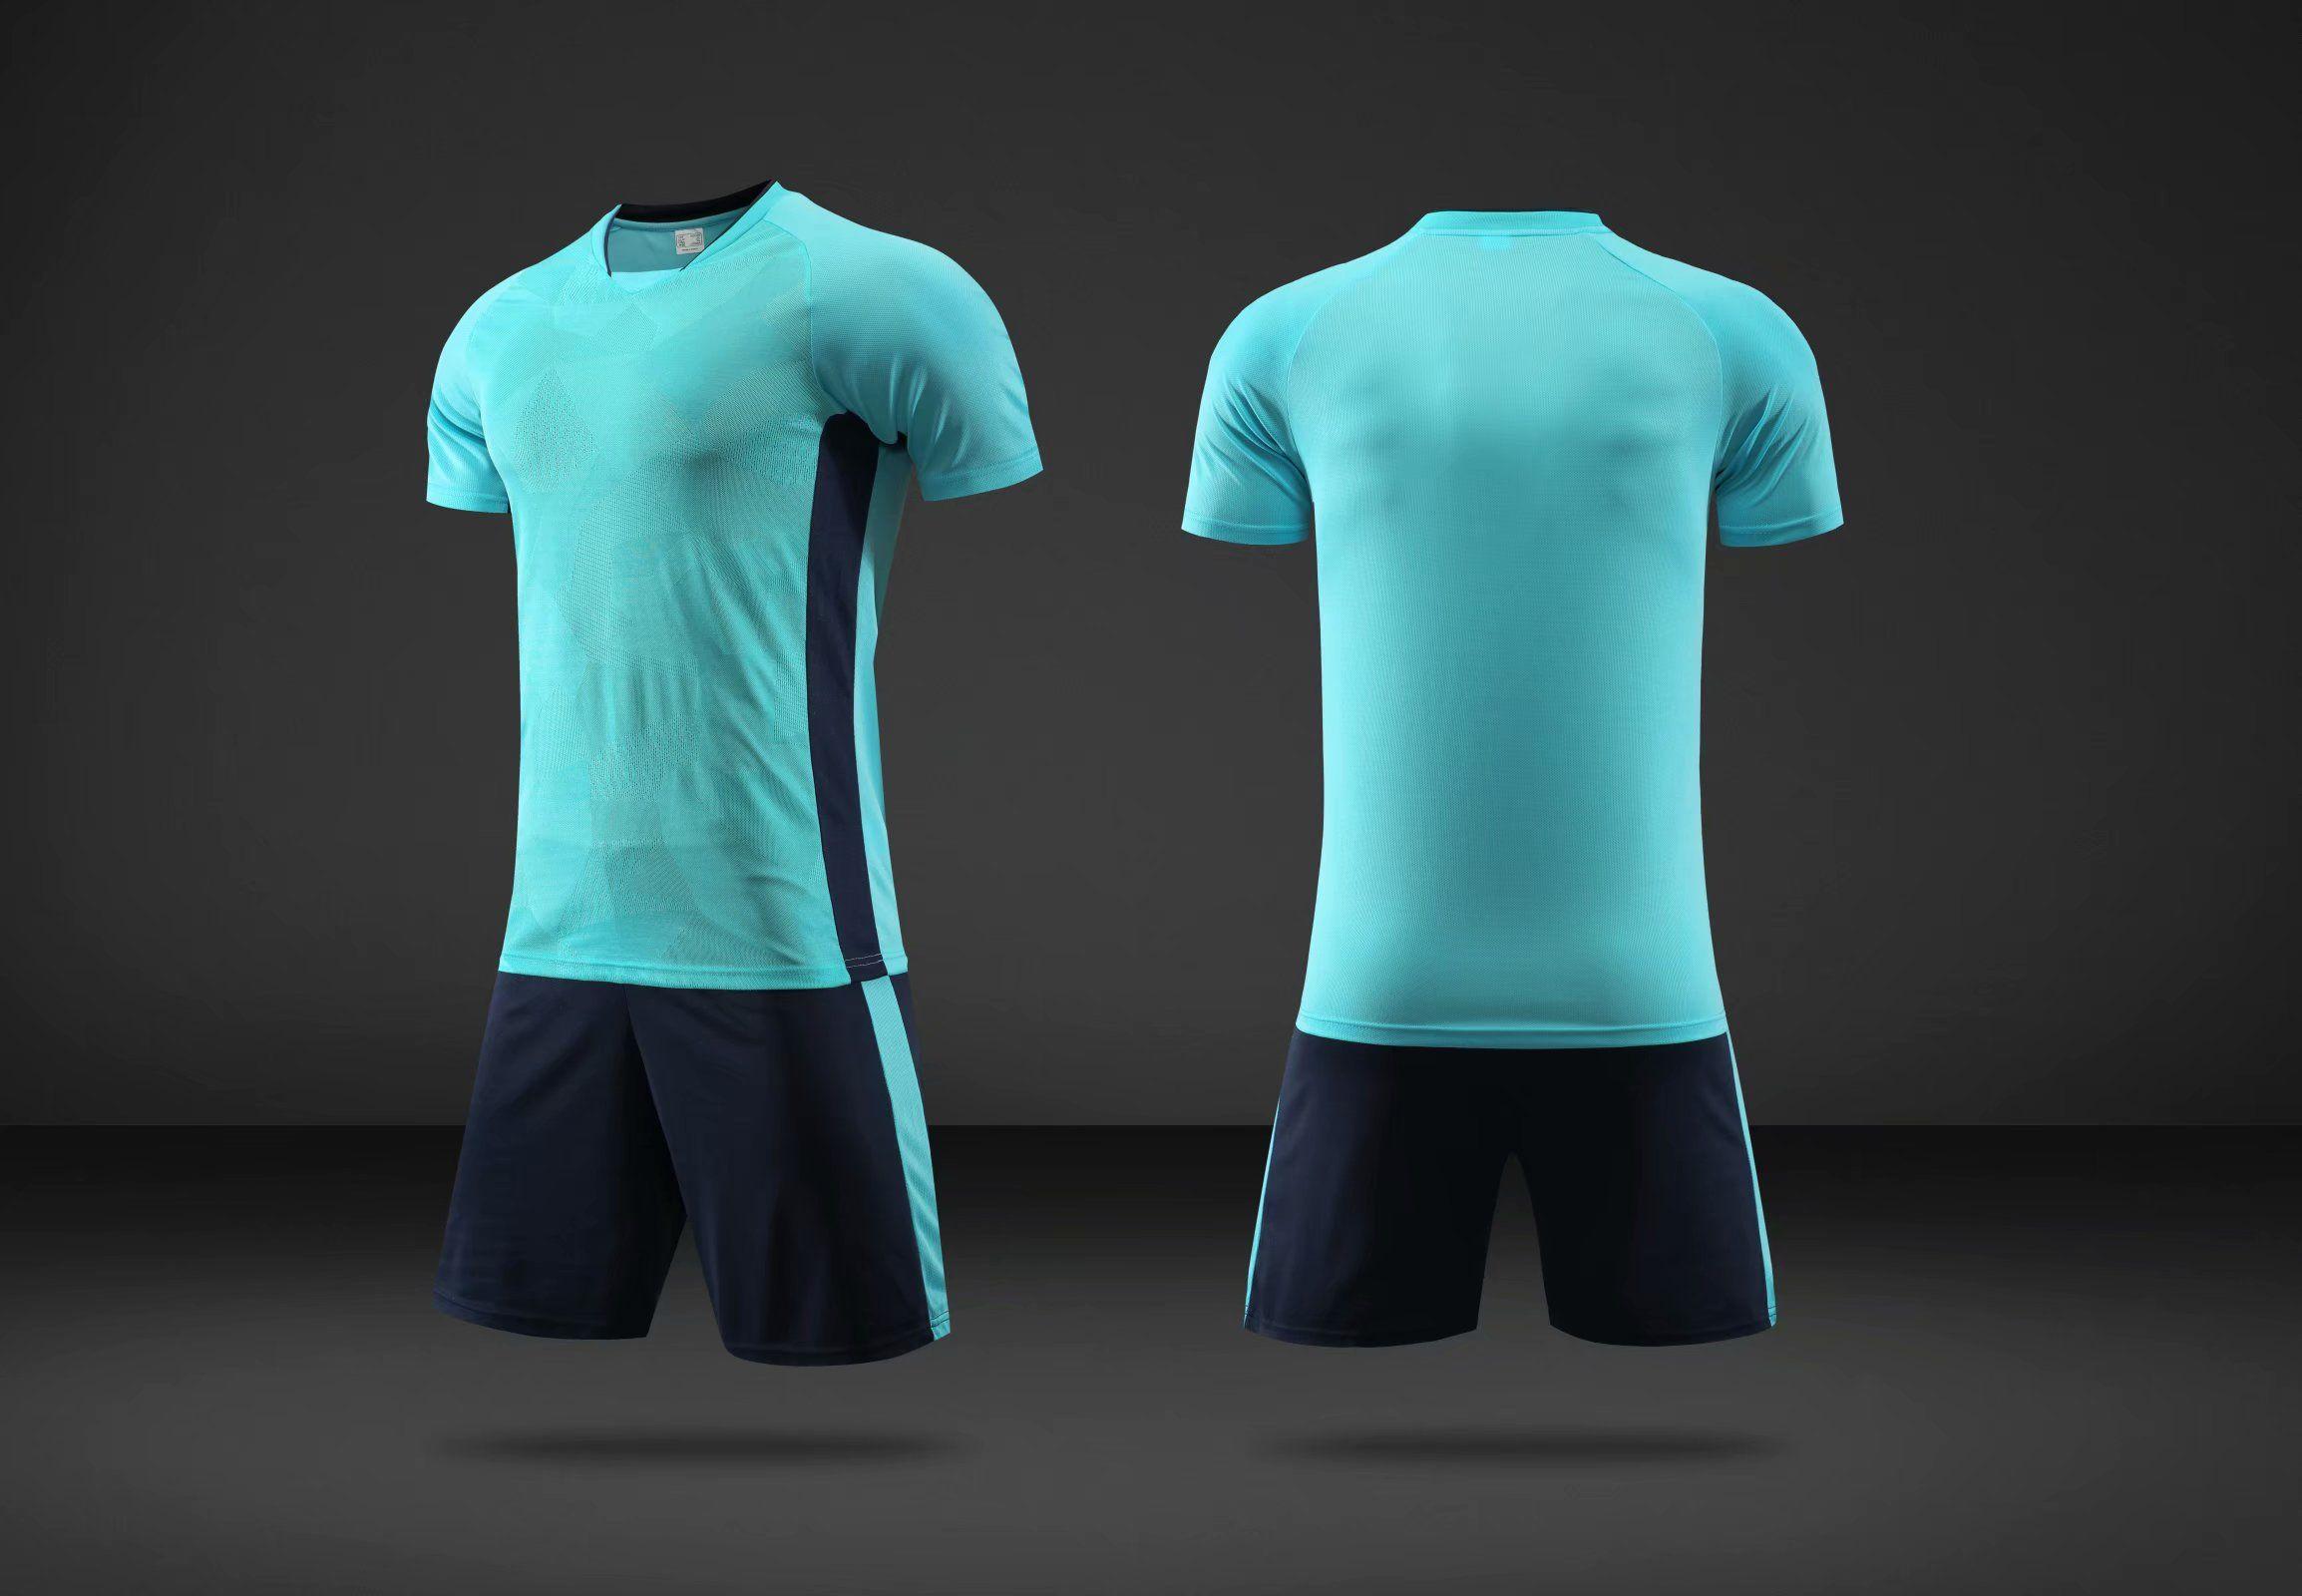 2 Farben Orange Blue Custom Leere Fussball Jersey Uniform personalisierte Team-Shirts mit Shorts-gedrucktem Design Name und Nummer für Männer / Kinder / Jugend 070117-2